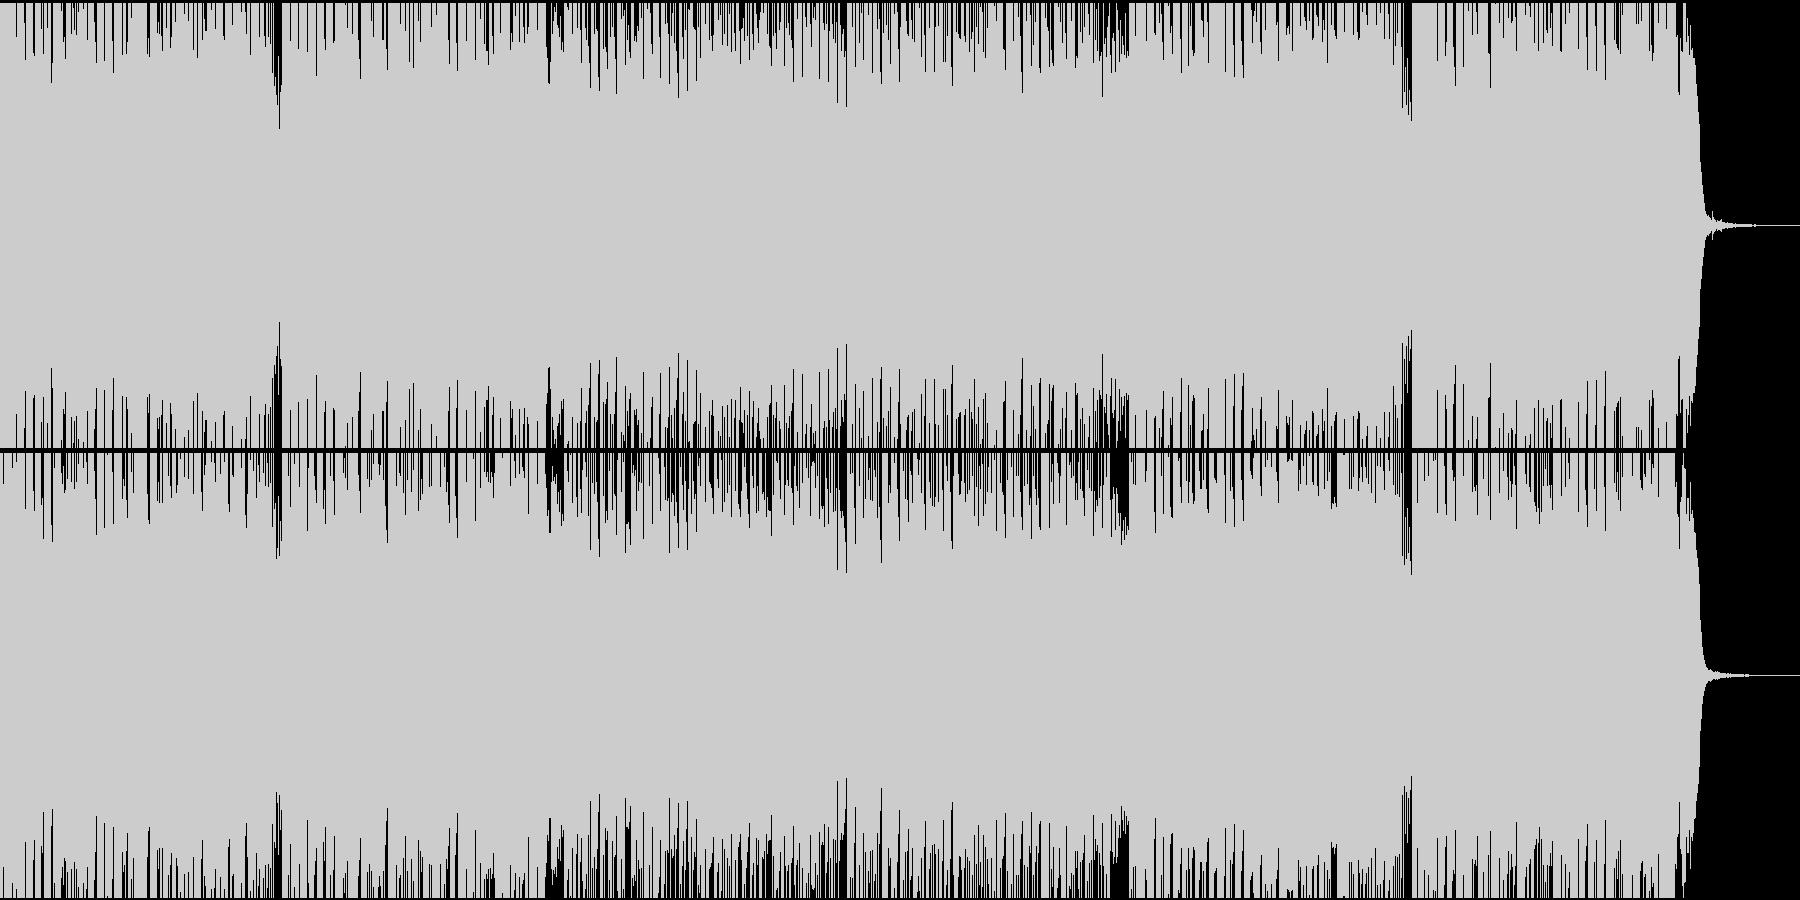 軽快でポップなEDMサウンドの未再生の波形